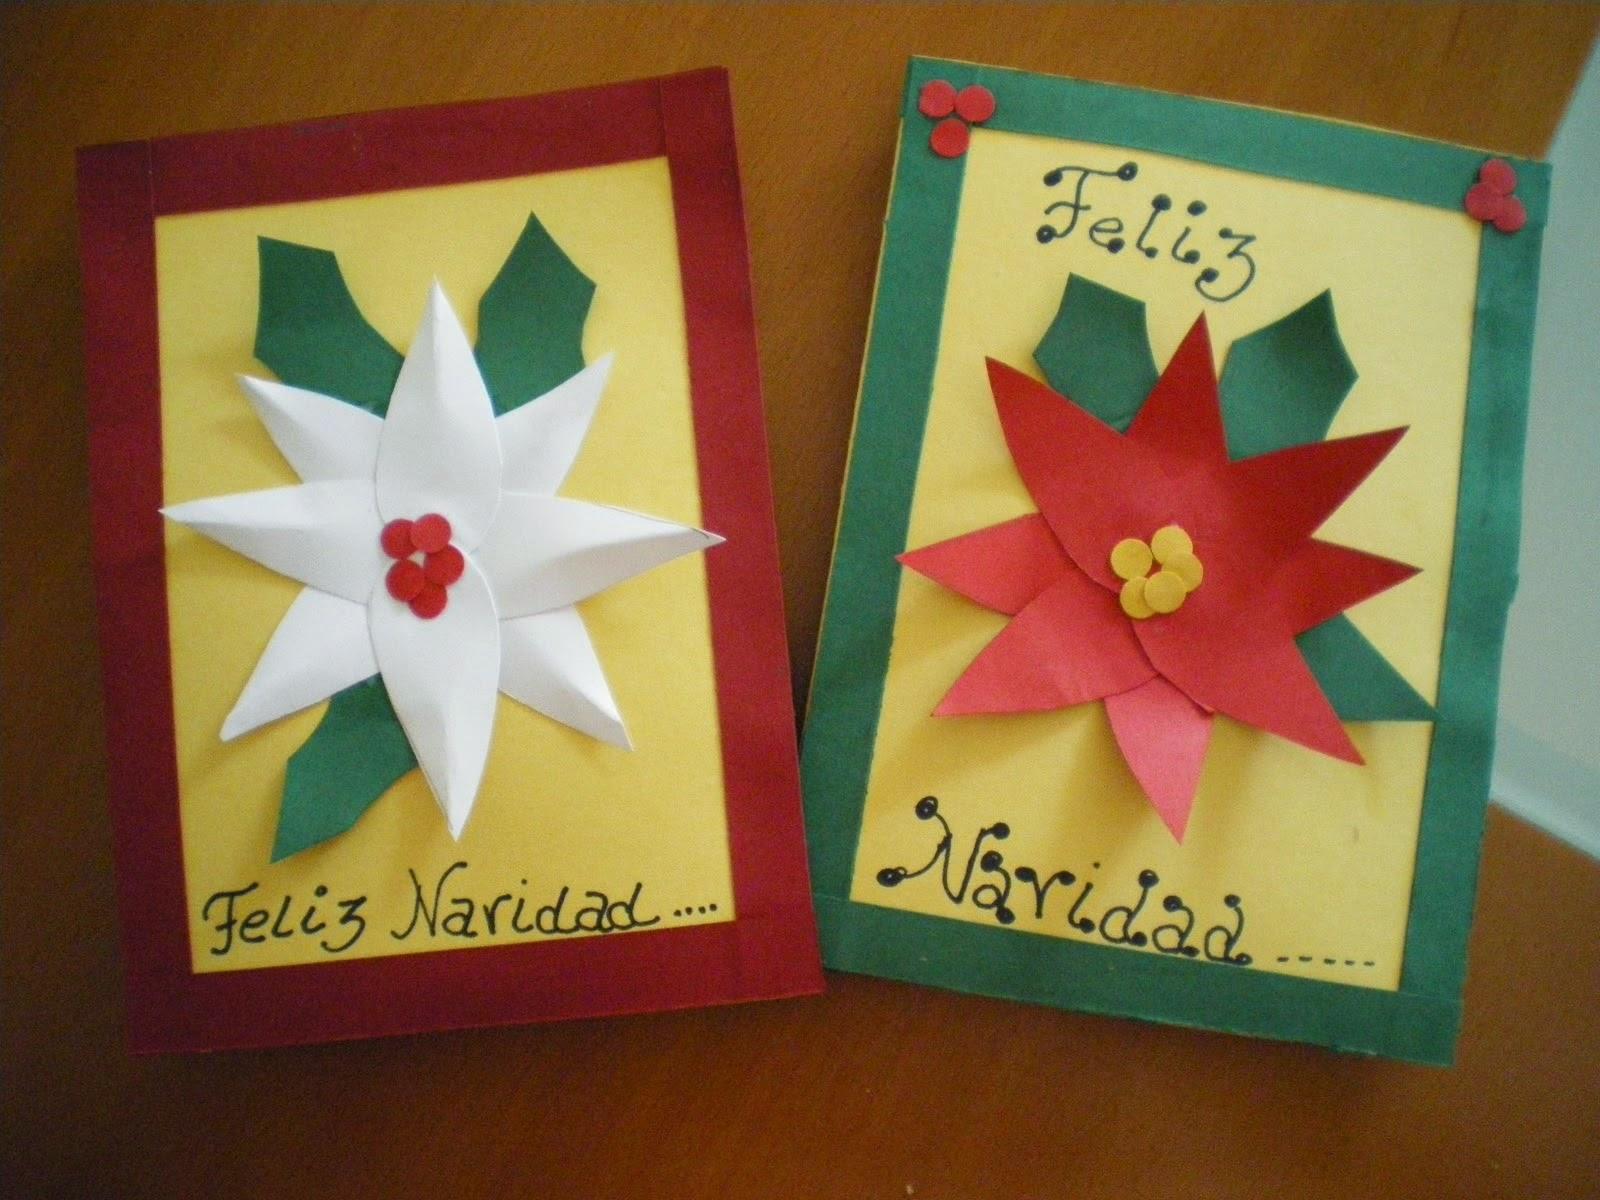 Las tarjetas para la navidad enviar o no enviar la navidad - Manualidades postales navidad ...